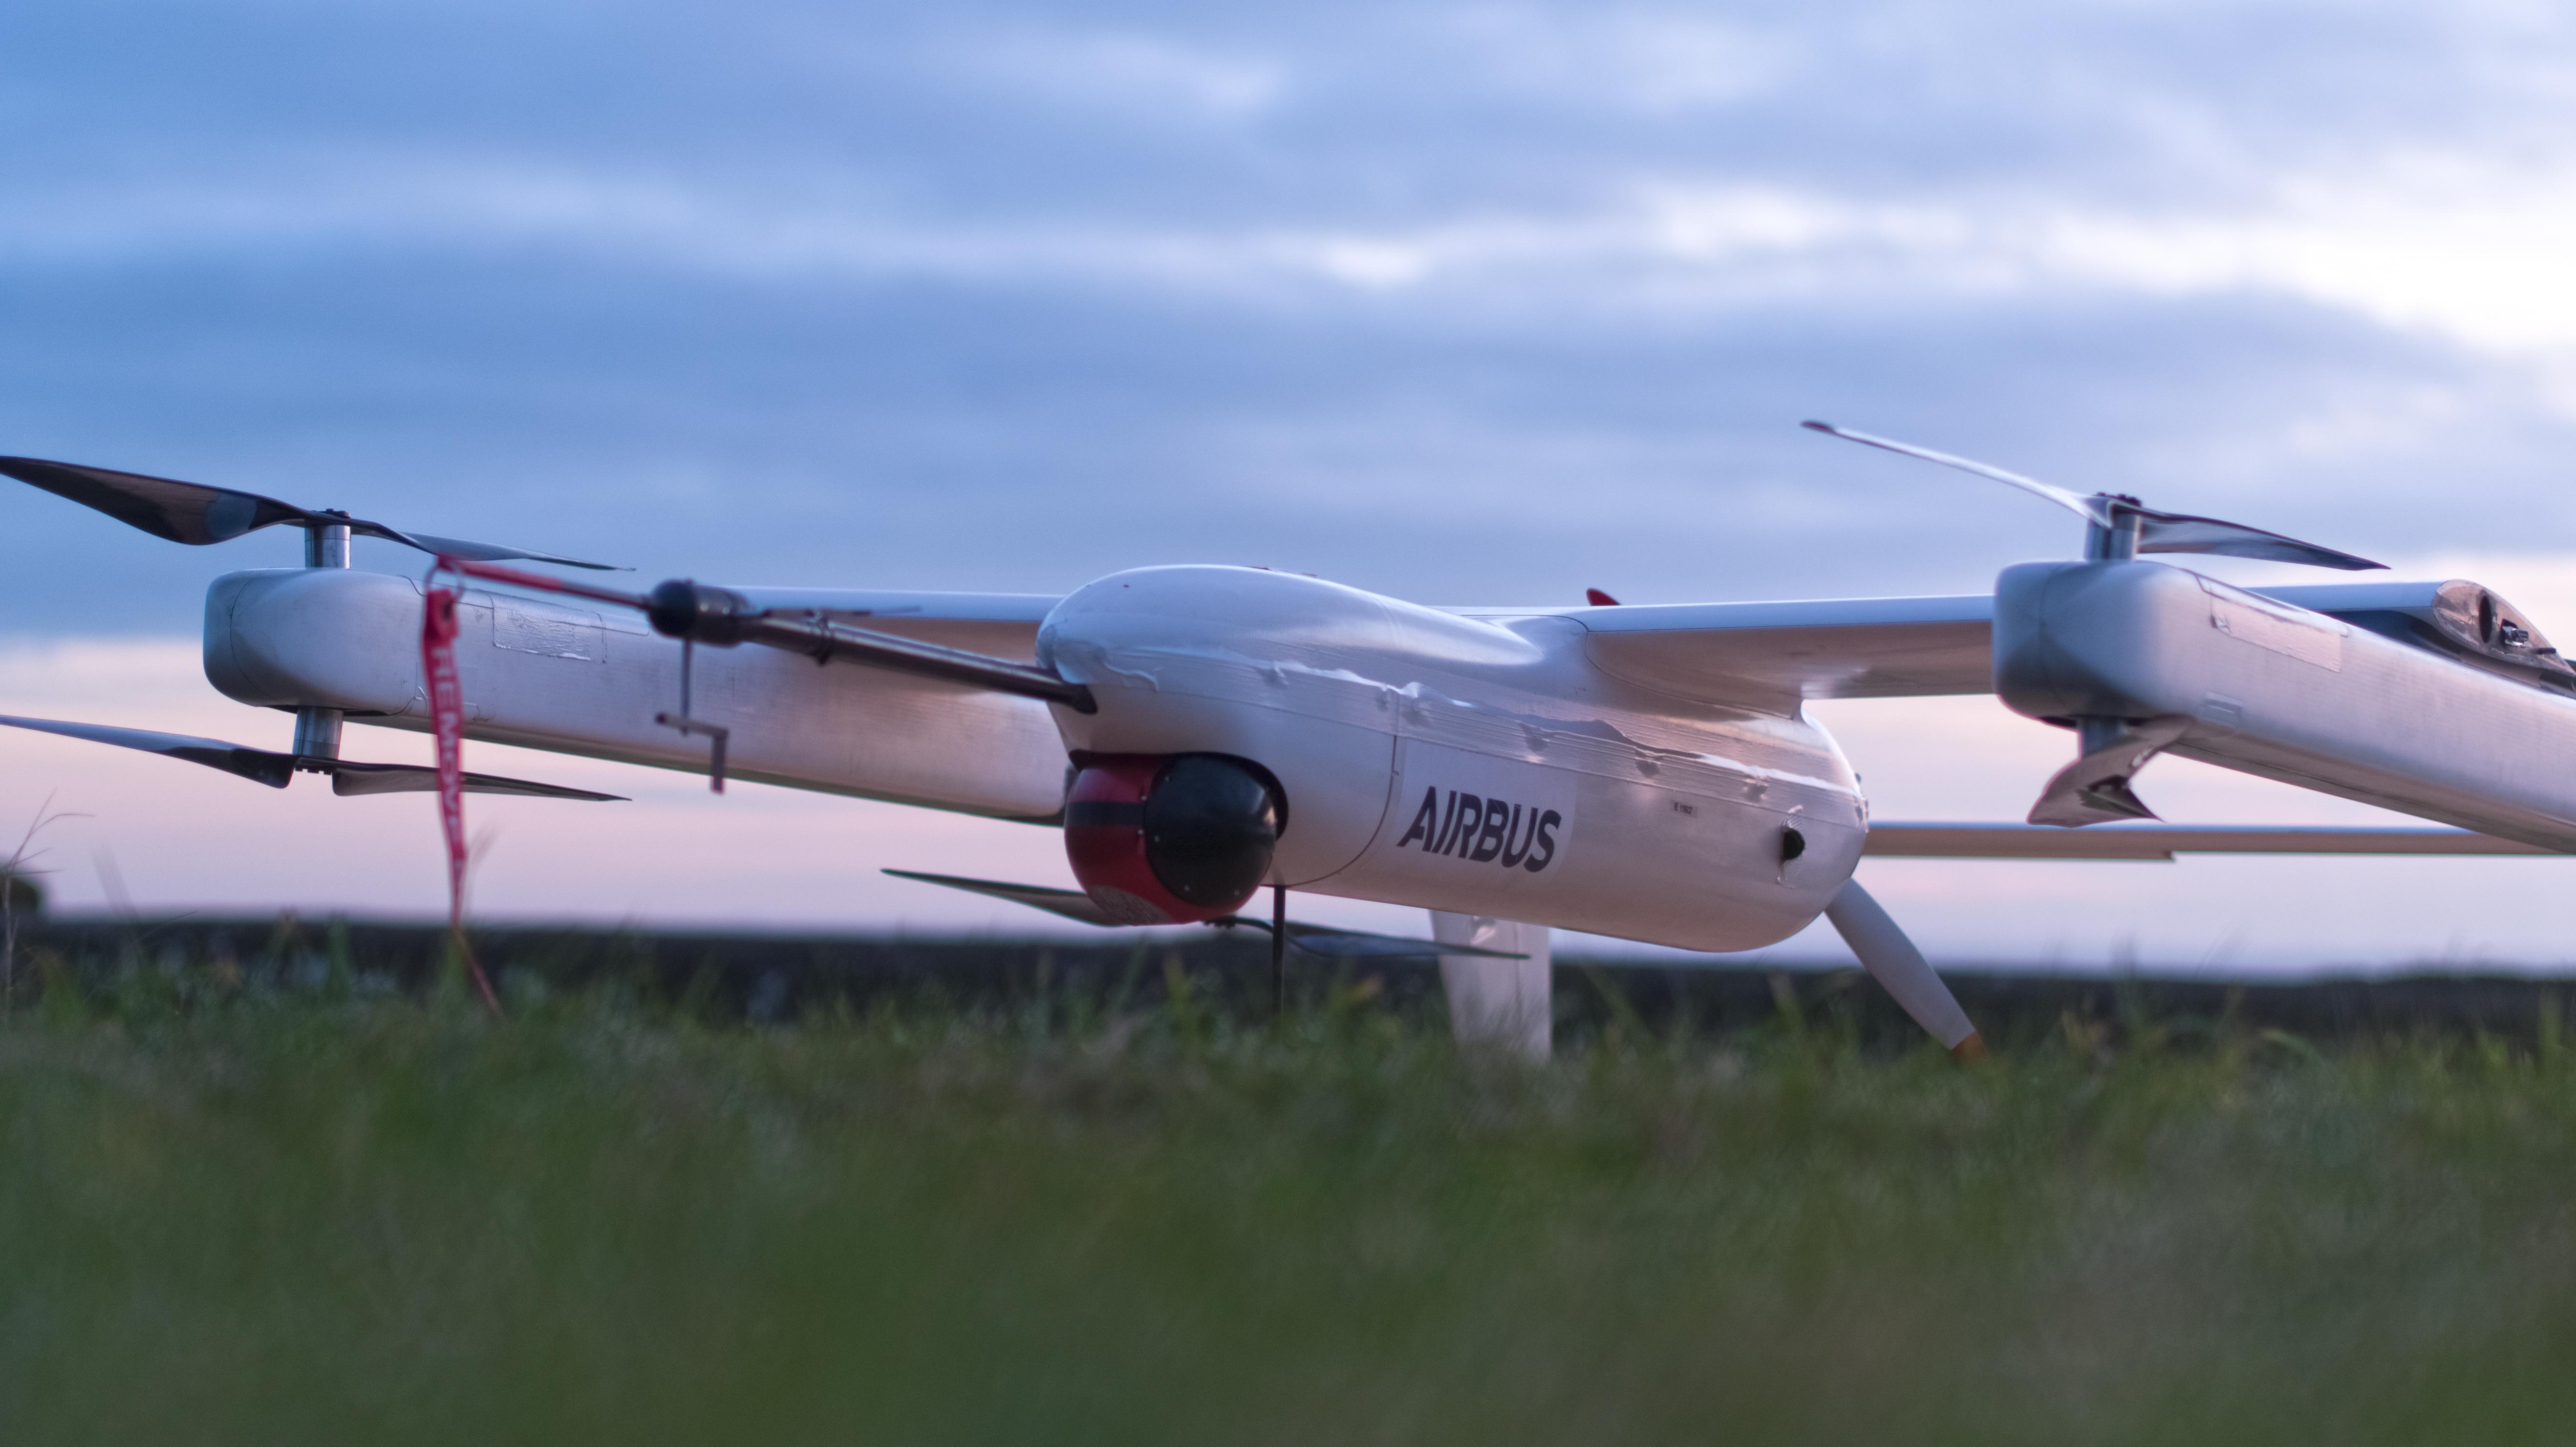 Airbus Quadcruiser Drone